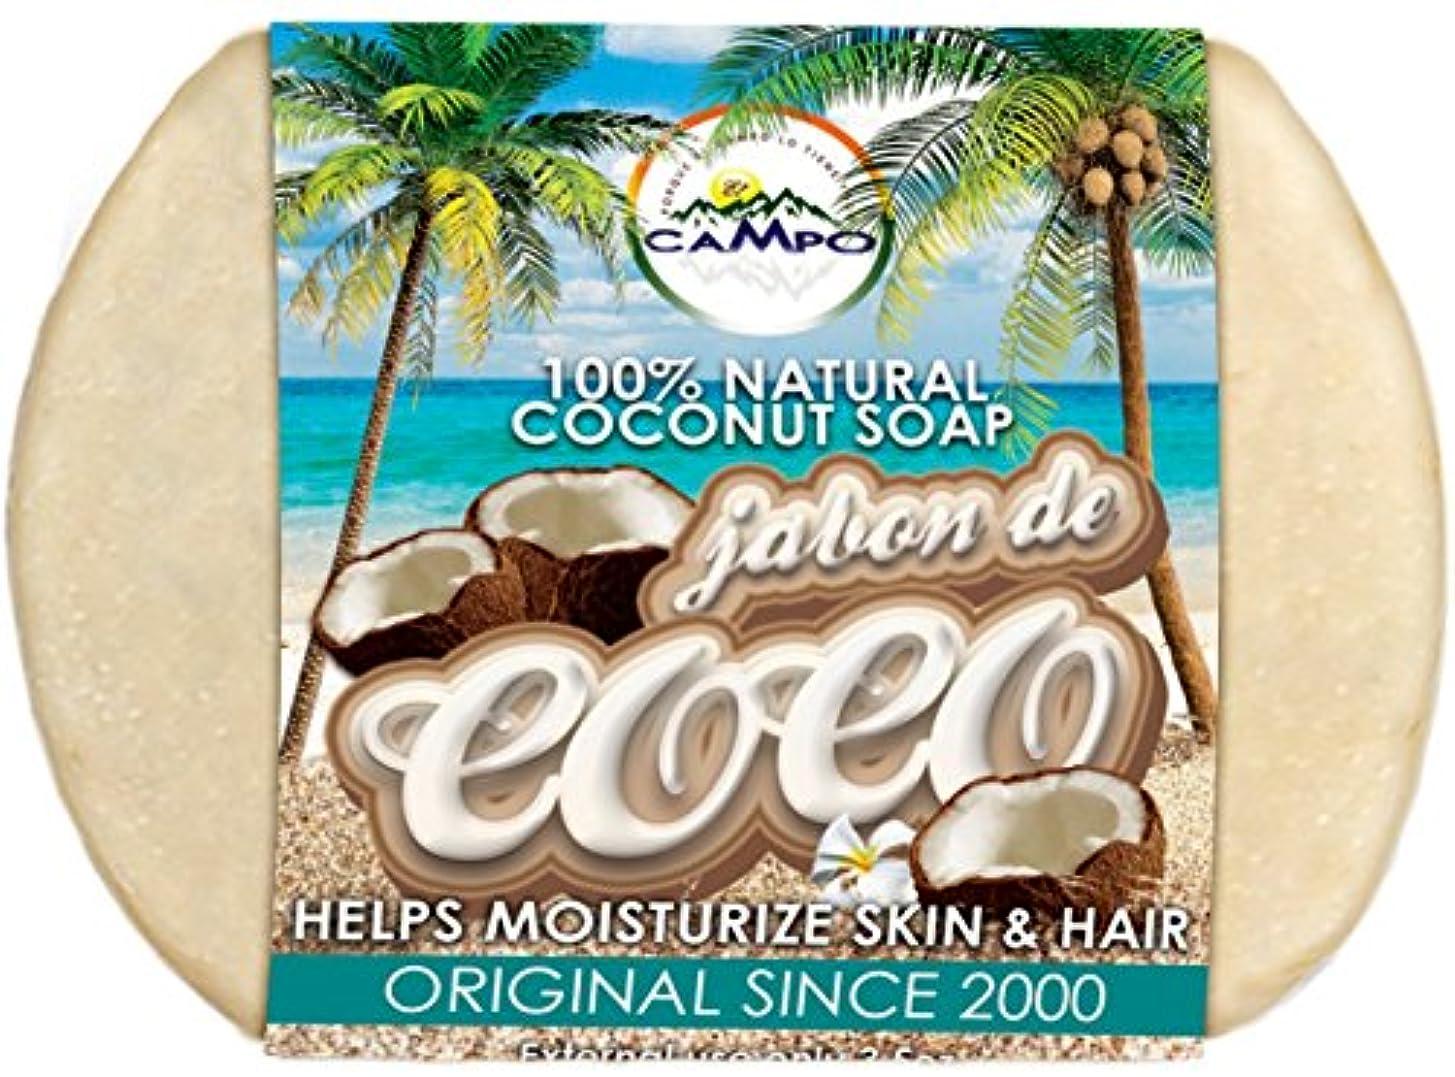 クリエイティブ豊富百Jabon De Coco (Coconut Soap) (dollars)14.99 High Quality Use Once and See the Difference